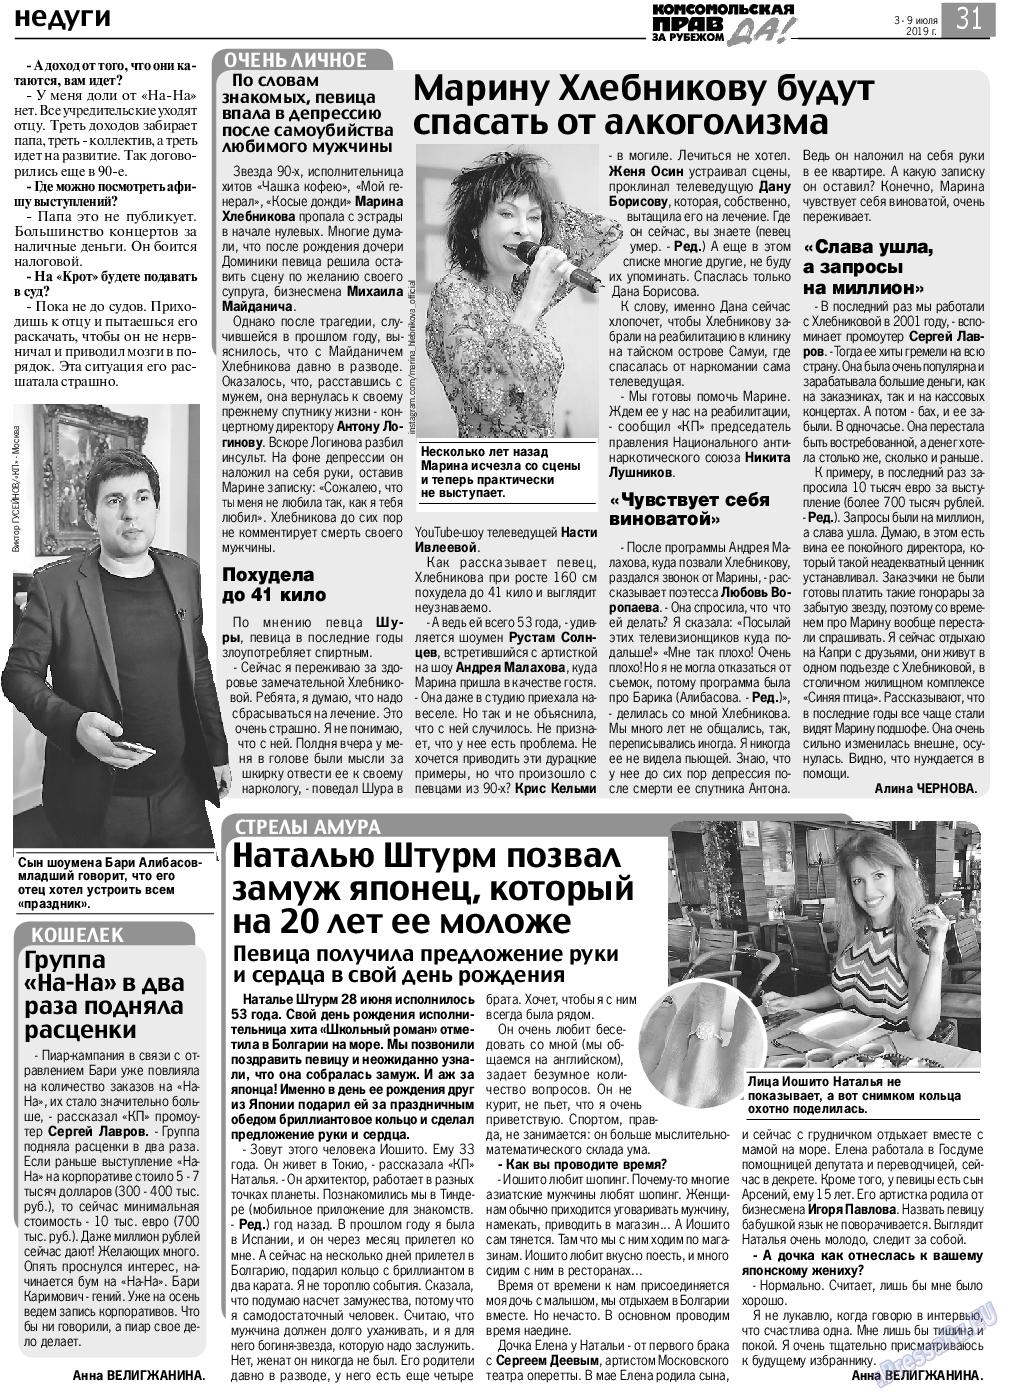 КП в Европе (газета). 2019 год, номер 27, стр. 31